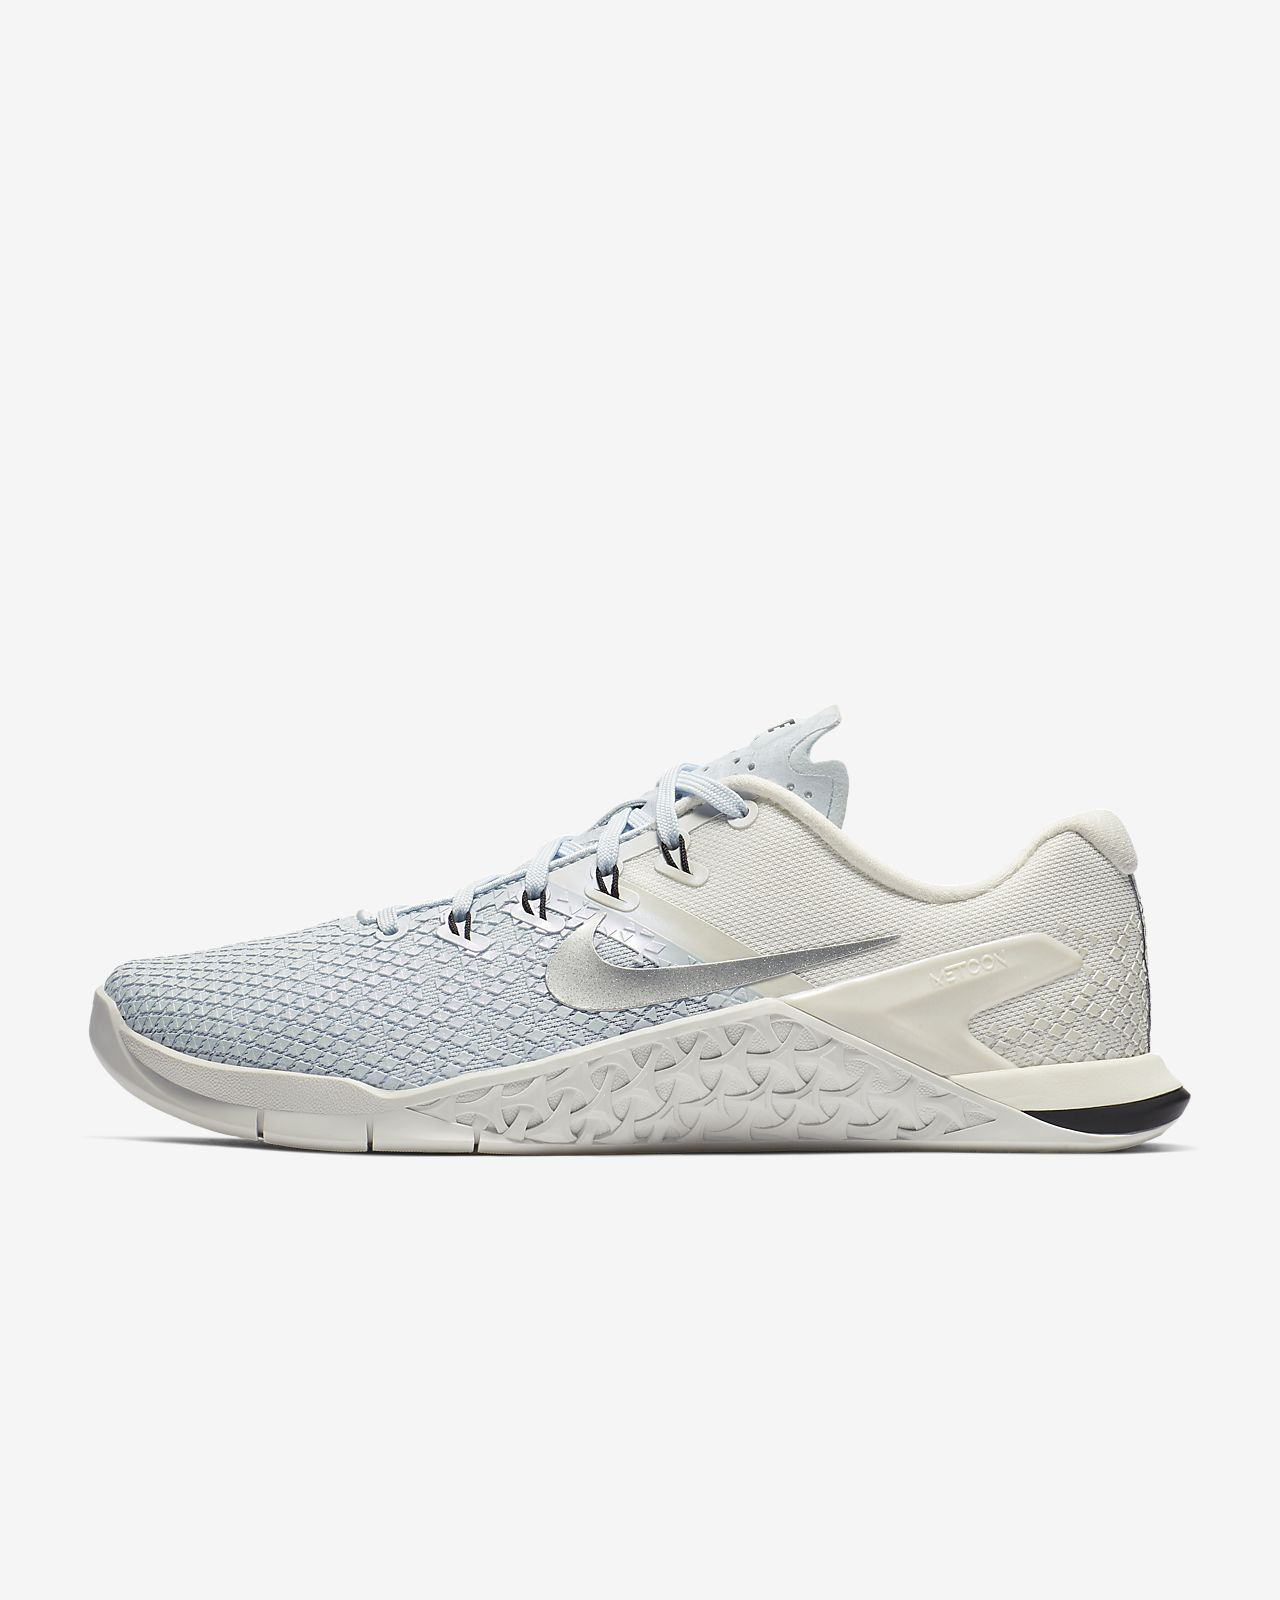 34dbc34ff3738 Nike Metcon 4 XD Metallic Zapatillas de cross training y levantamiento de  pesas - Mujer